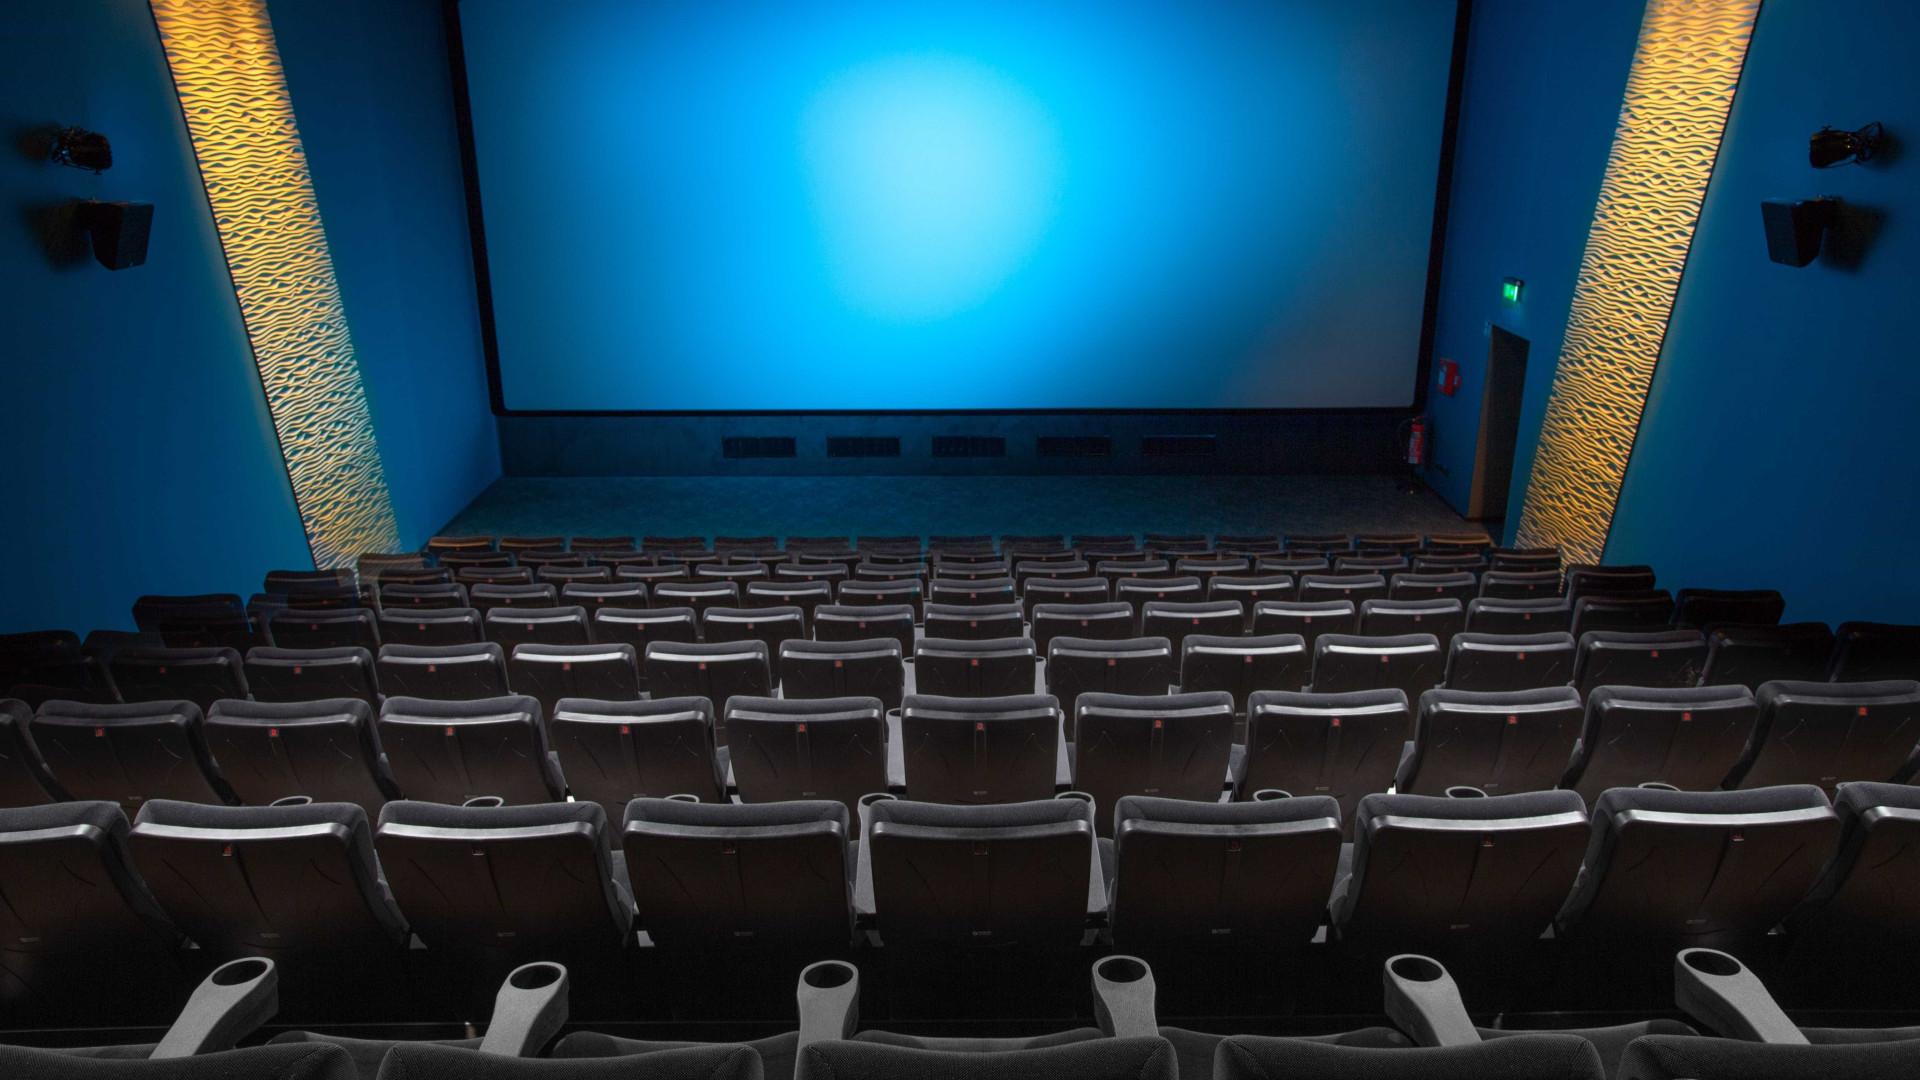 Brasil tem quase 600 salas de cinema fechadas por causa do coronavírus